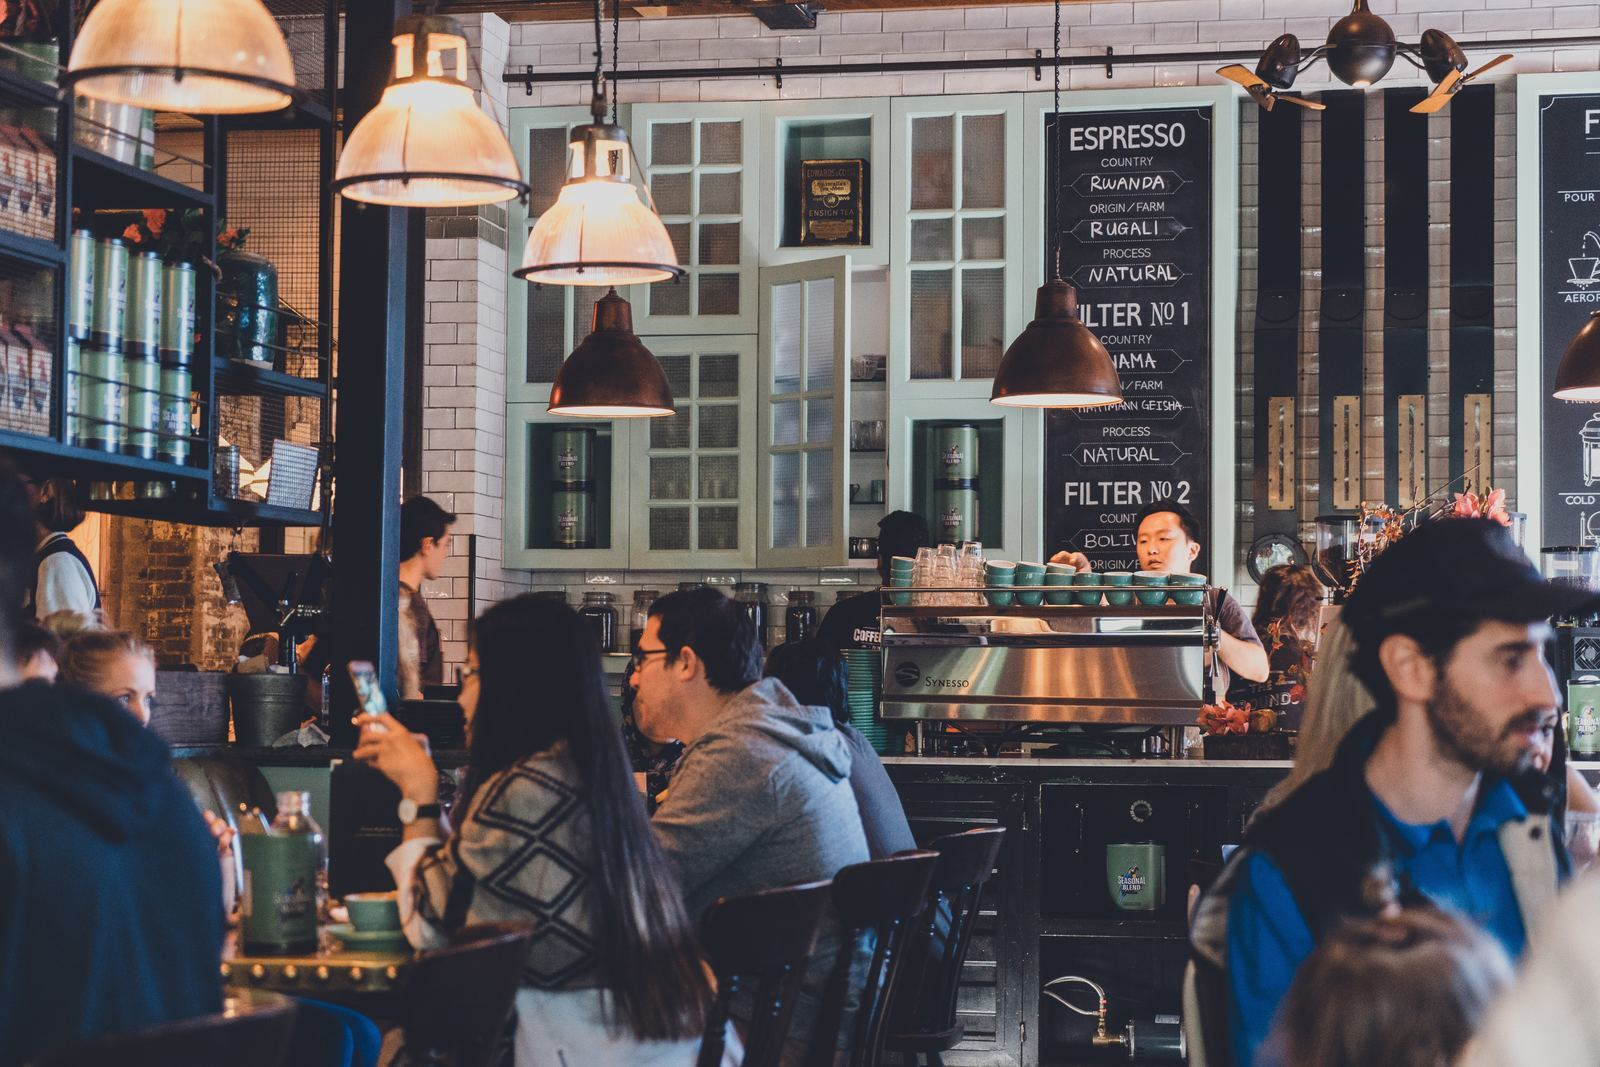 ReactとGraphQLで最高のレストラン体験を作りたい!